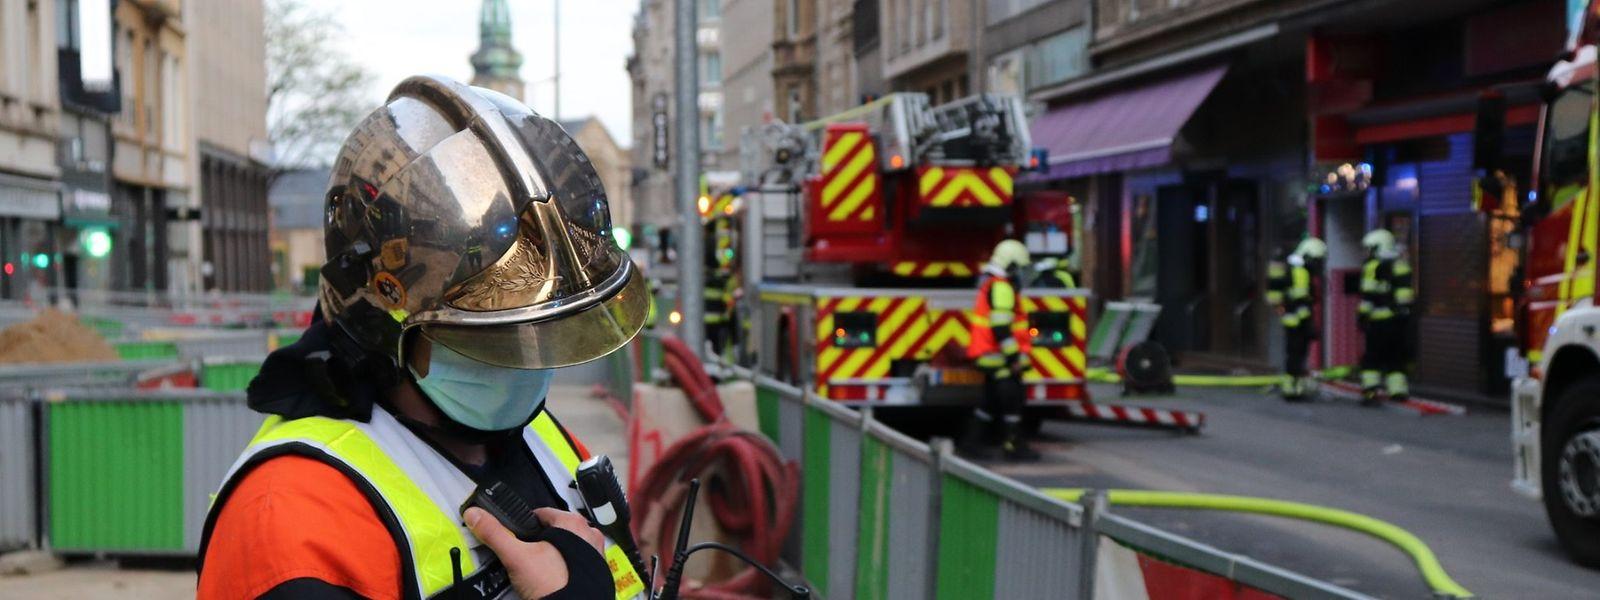 Ein Großaufgebot von Feuerwehrleuten konnte den Brand unter Kontrolle bringen.